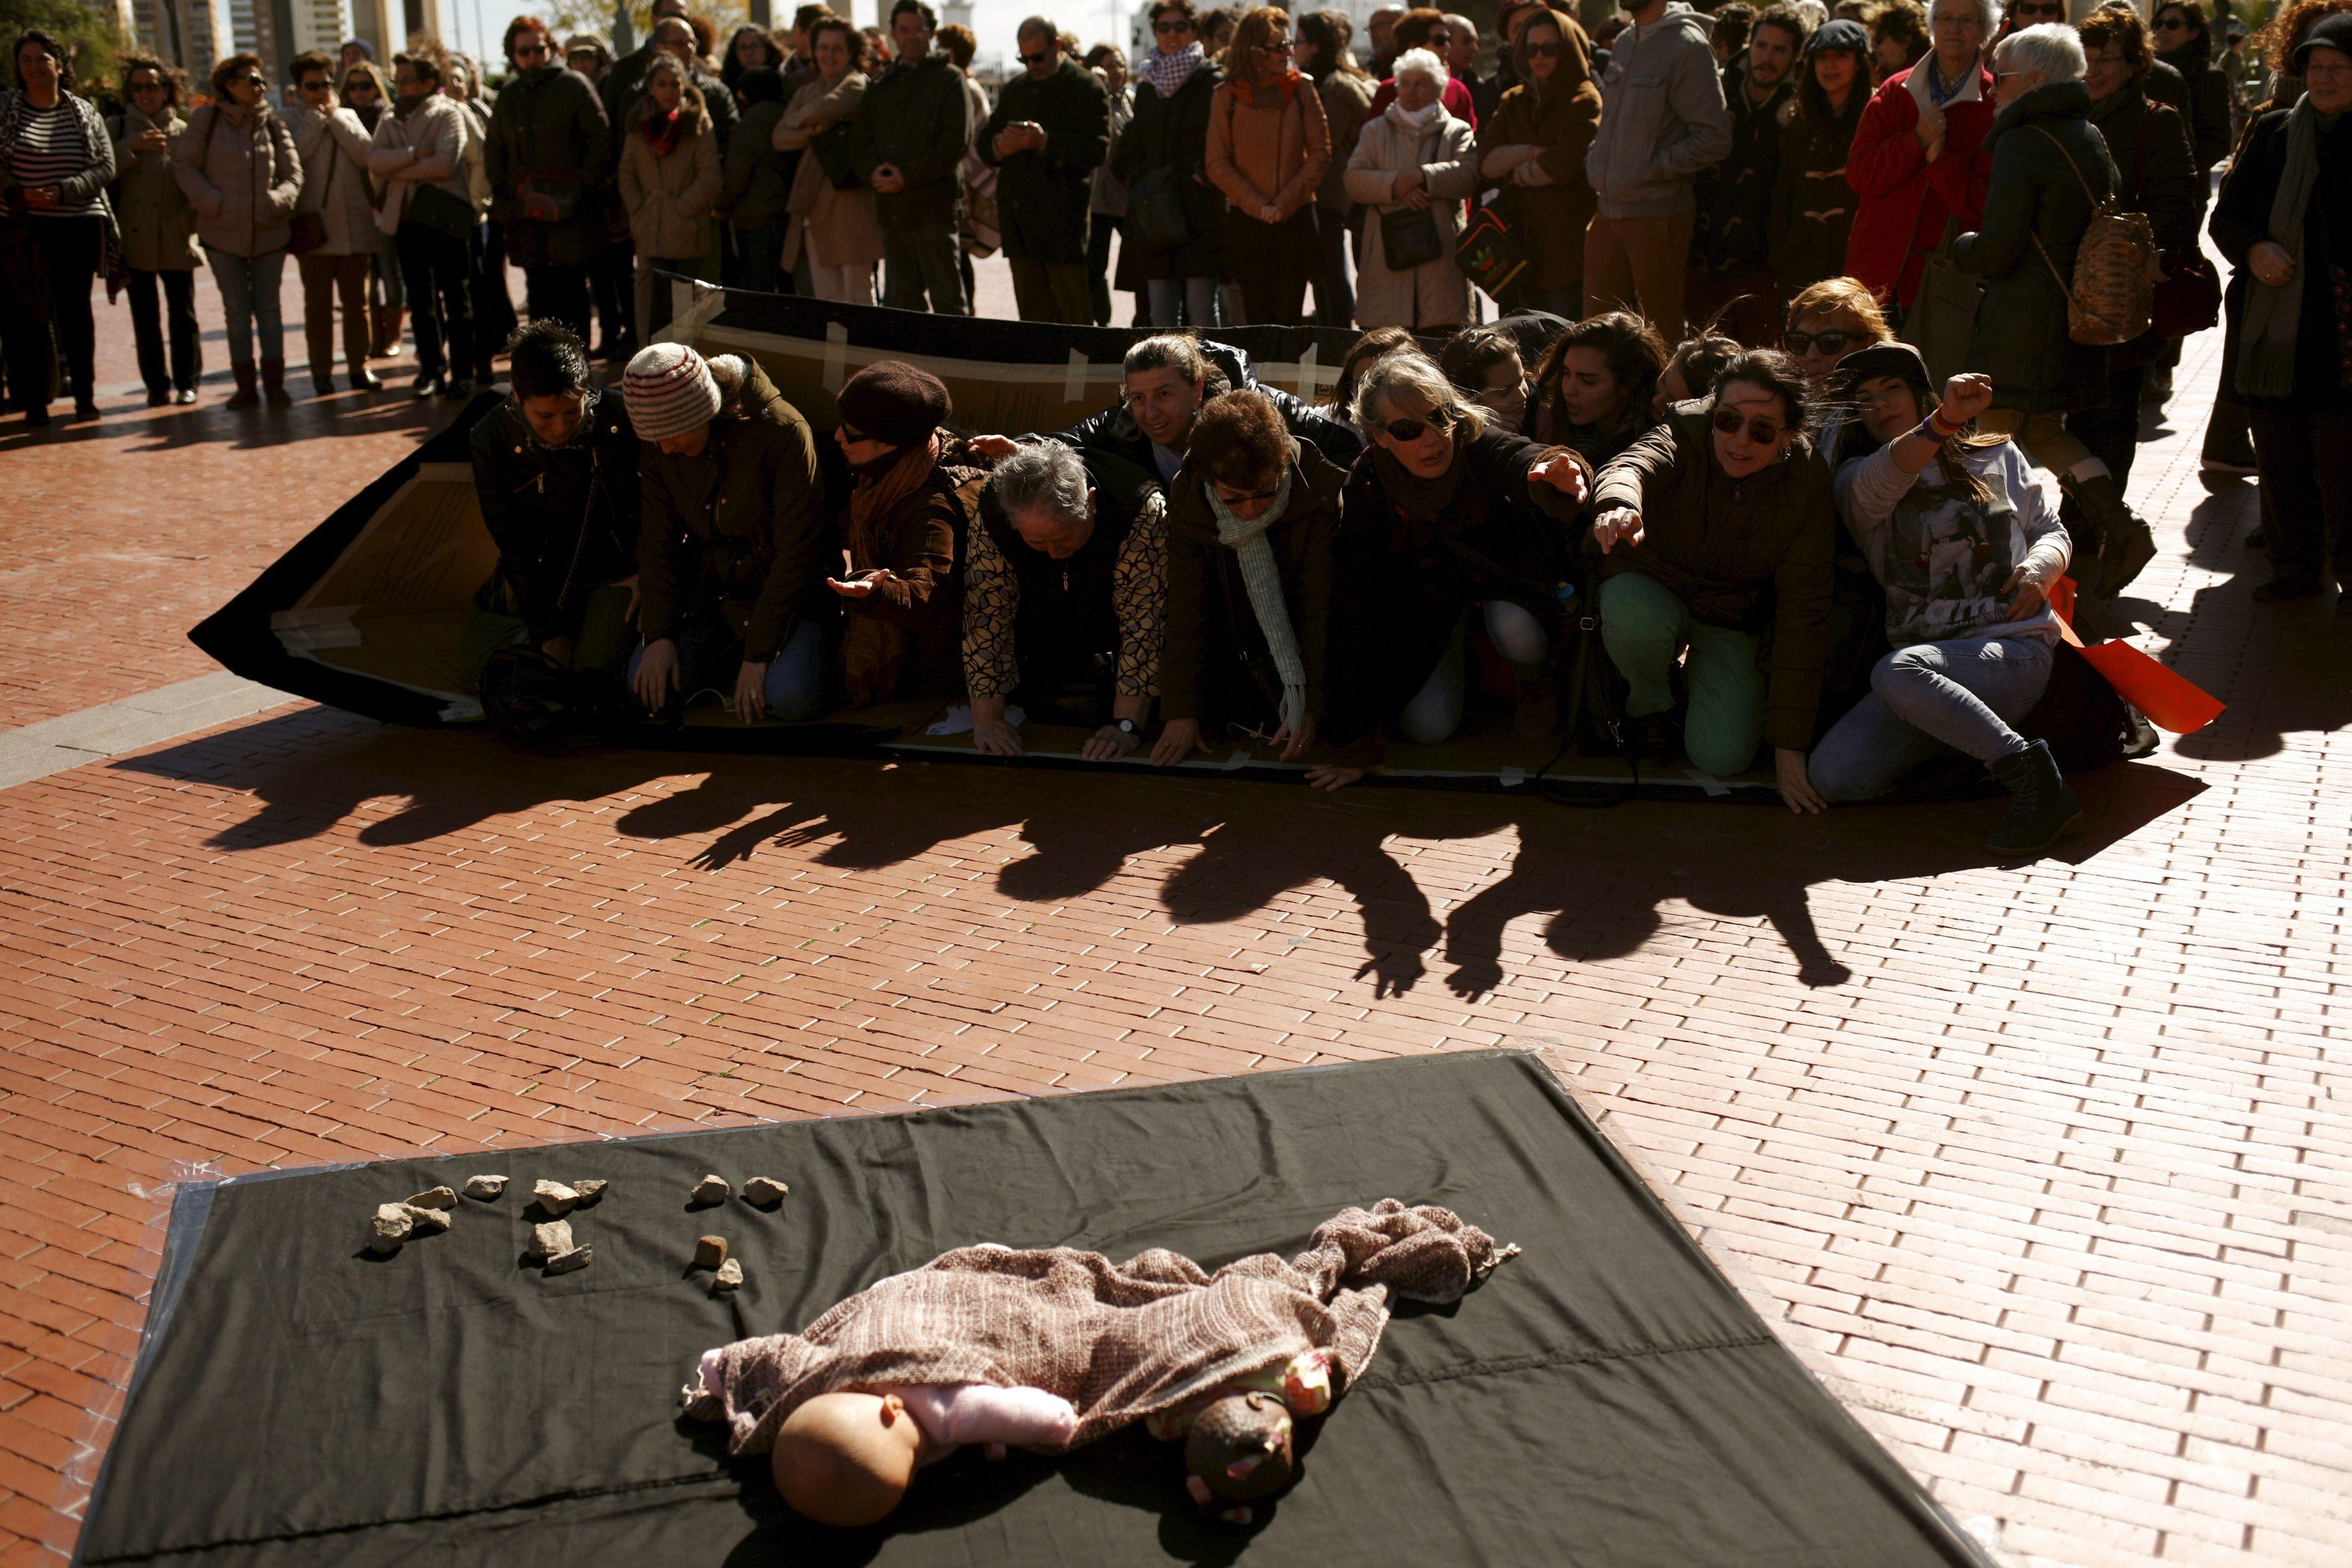 Reconstitution, à l'occasion d'une marche pour la paix à Malaga en Espagne le 27 février 2016, d'un naufrage de bateau de migrants, près d'une poupée représentant la mort tragique du petit syrien Aylan Kurdi, échoué sur les côtes de Turquie.